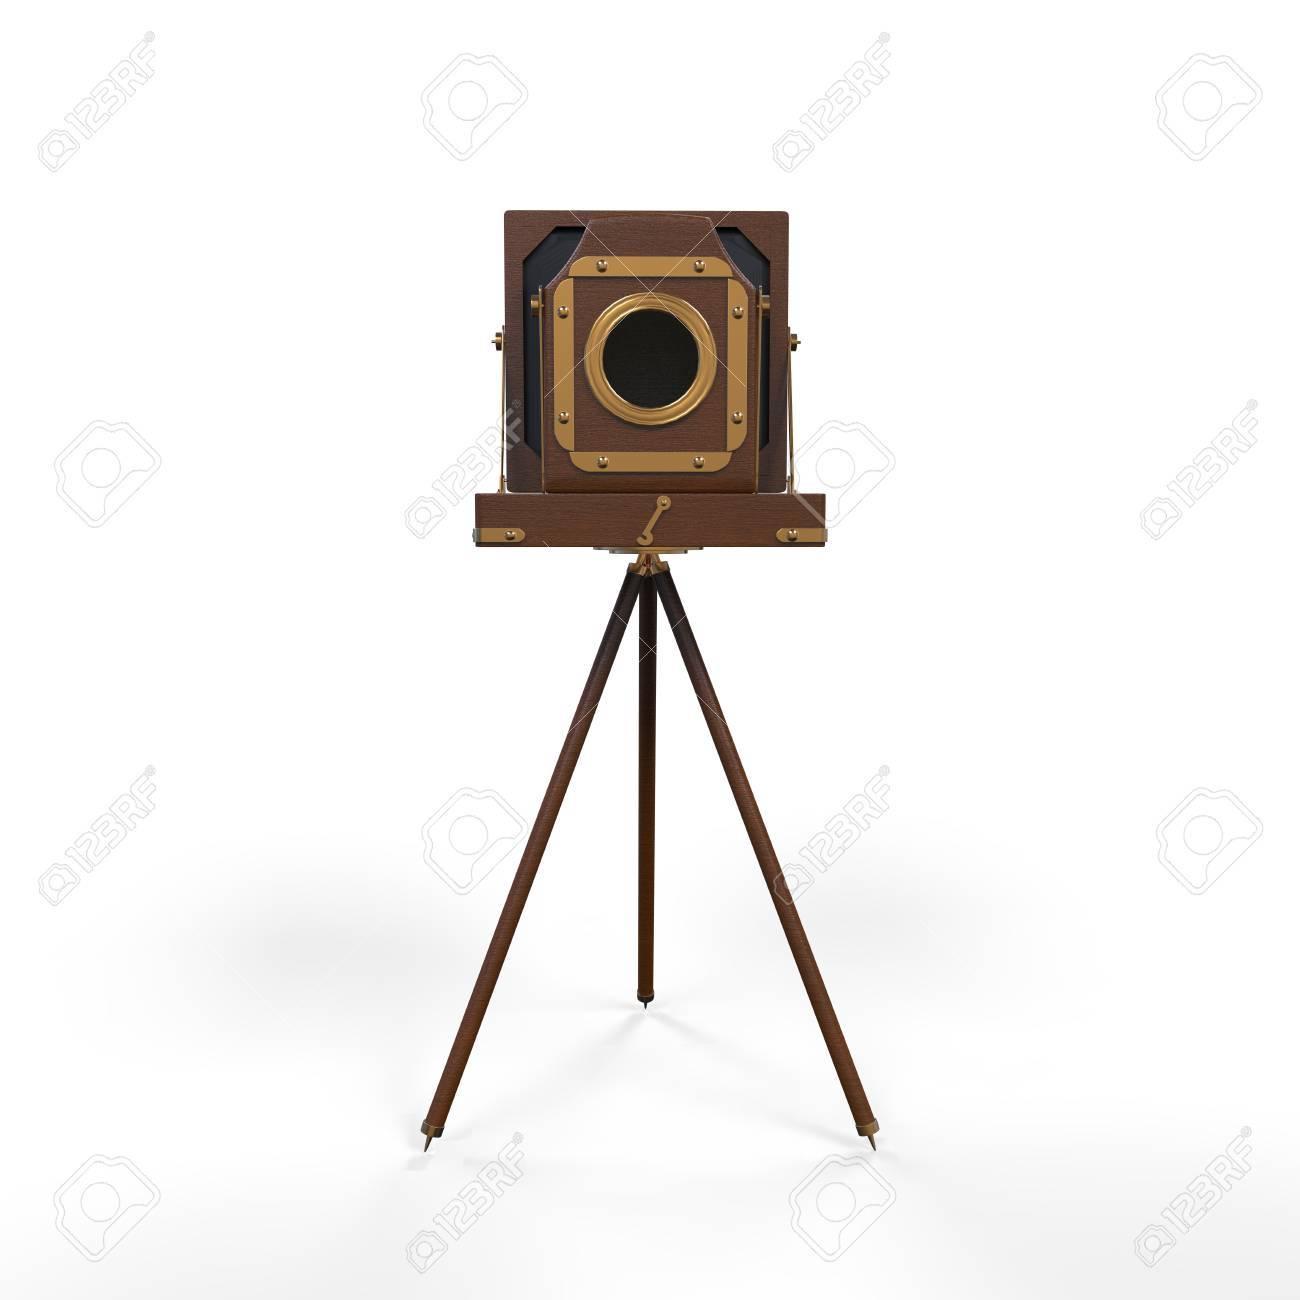 Wooden Classic Retro Camera on Tripod Stock Photo - 18260814